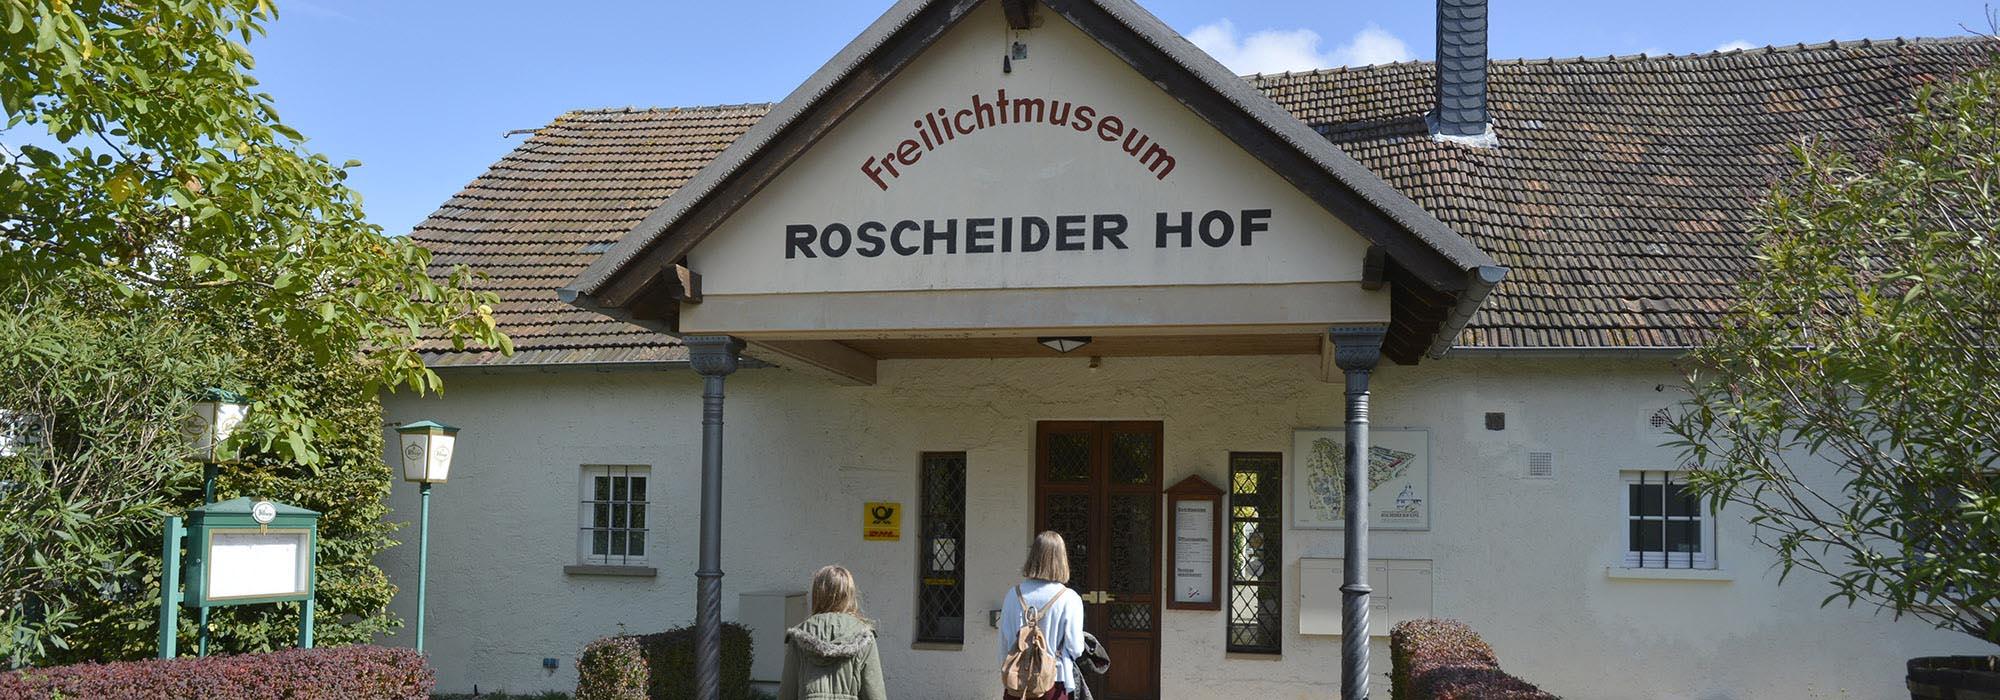 Roscheider_ARN2914